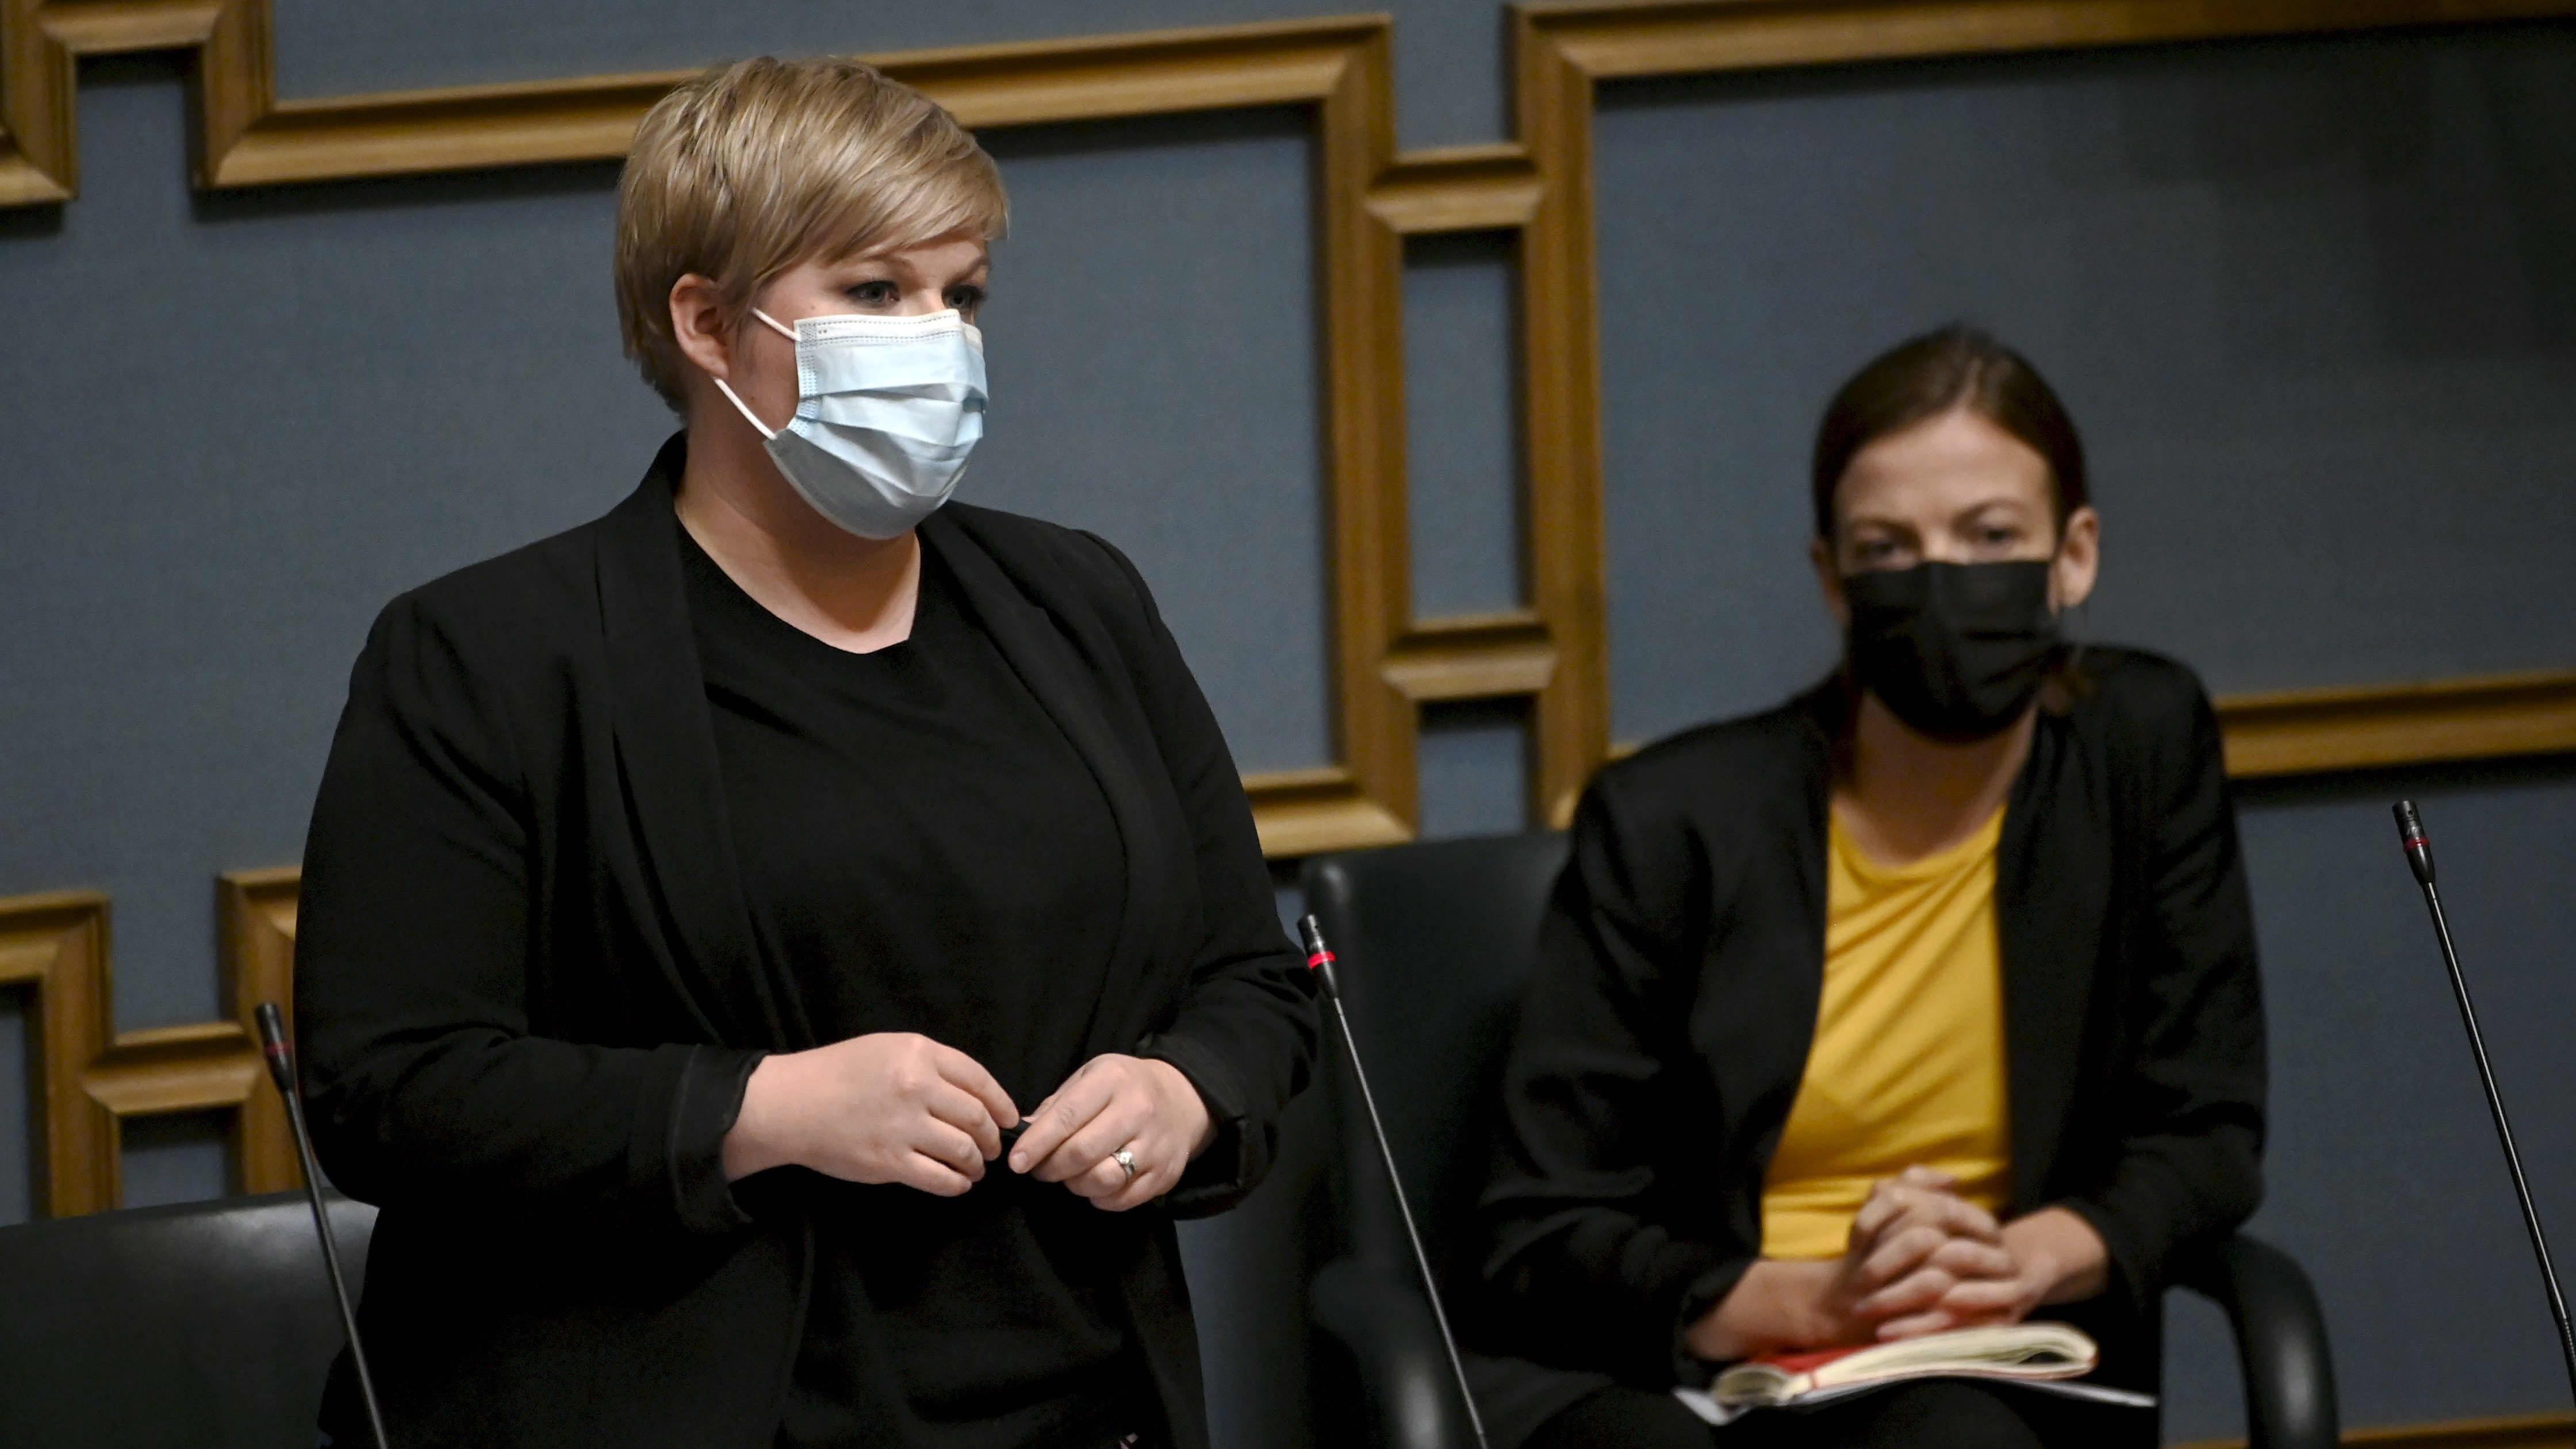 Valtiovarainministeri Annika Saarikko vastausvuorossa eduskunnan suullisella kyselytunnilla Helsingissä 23. syyskuuta 2021, taustalla opetusministeri Li Andersson.